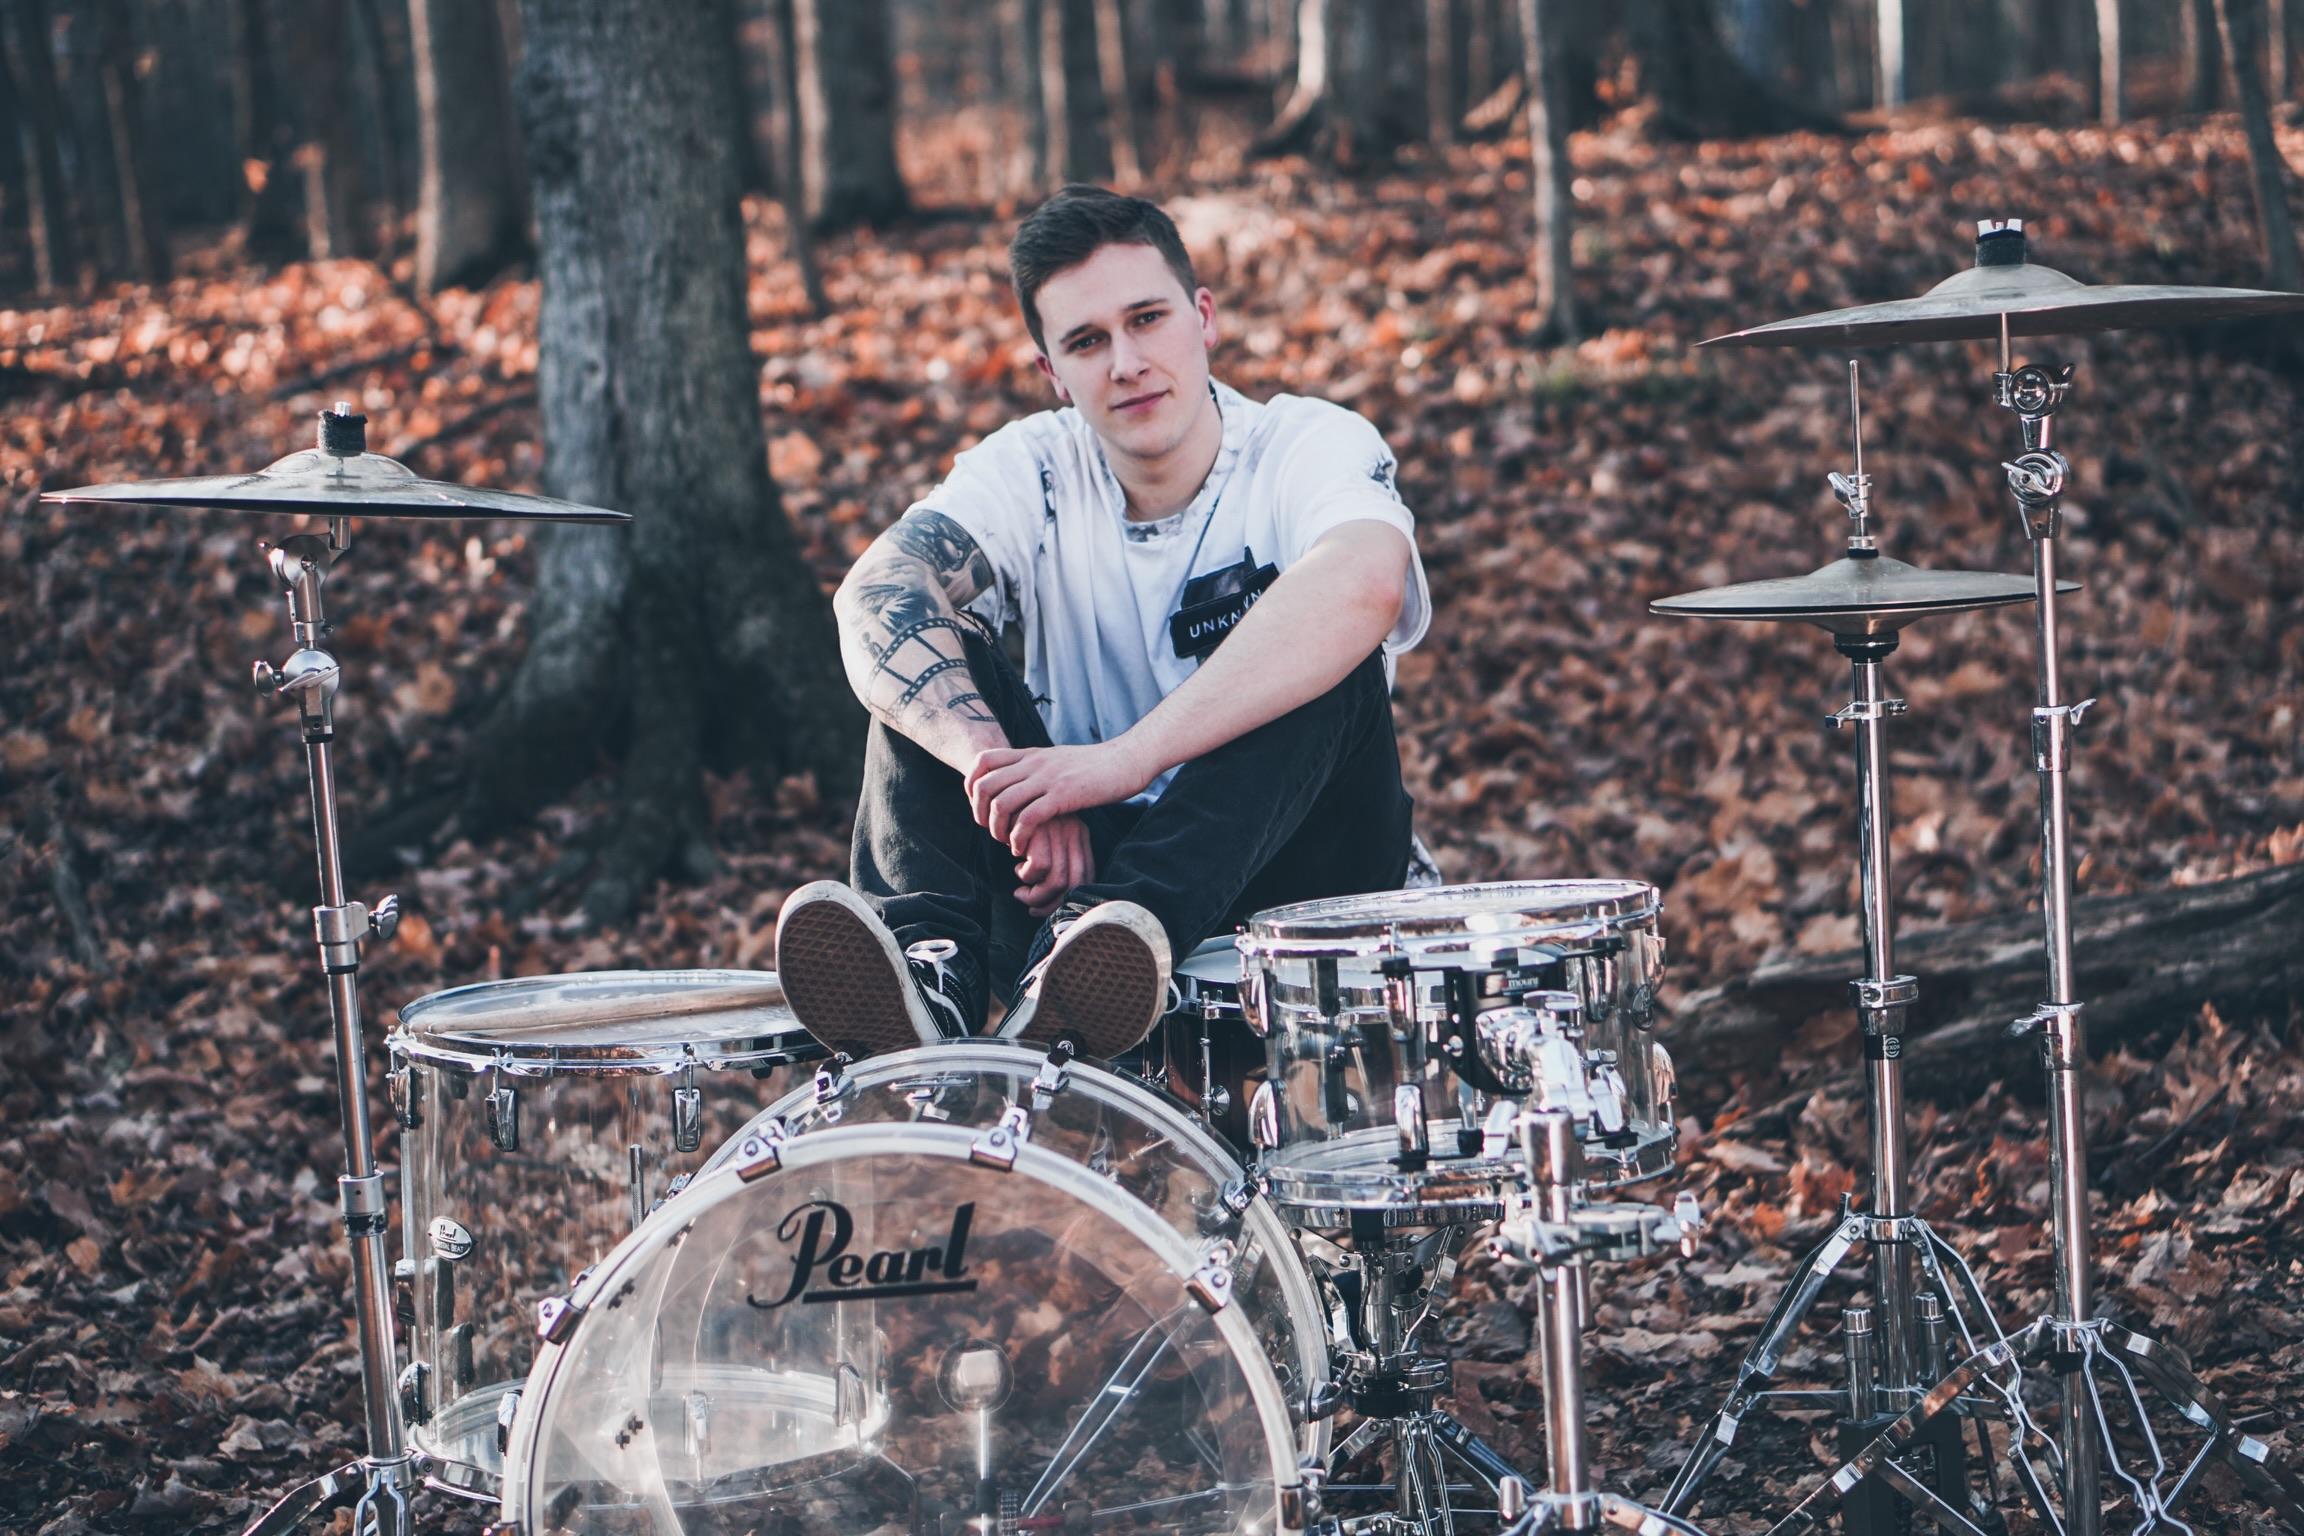 Au sein de la formation Story Untold, Jonathan Landry a voyagé un peu partout sur la planète et a participé à une tournée du Vans Warped Tour.